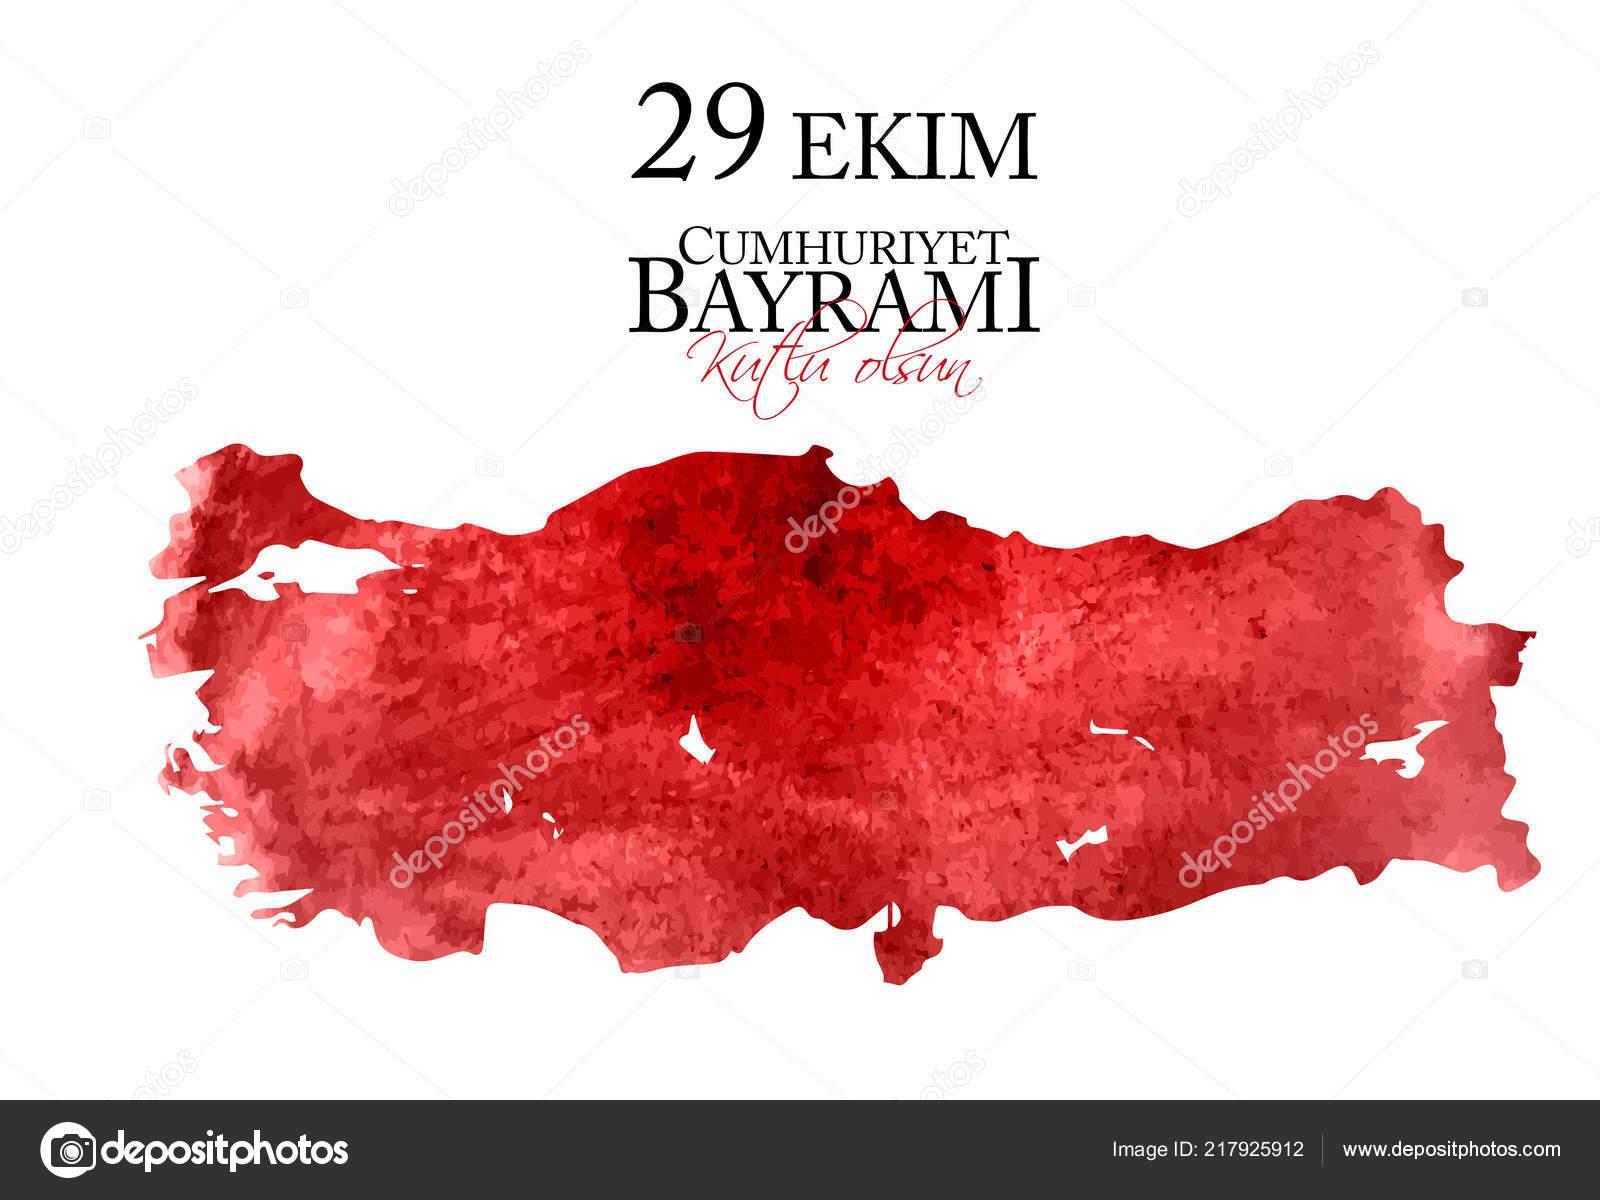 29 Ekim Cumhuriyet Bajram Kutlu Olsun Happy Republic Day Turkey